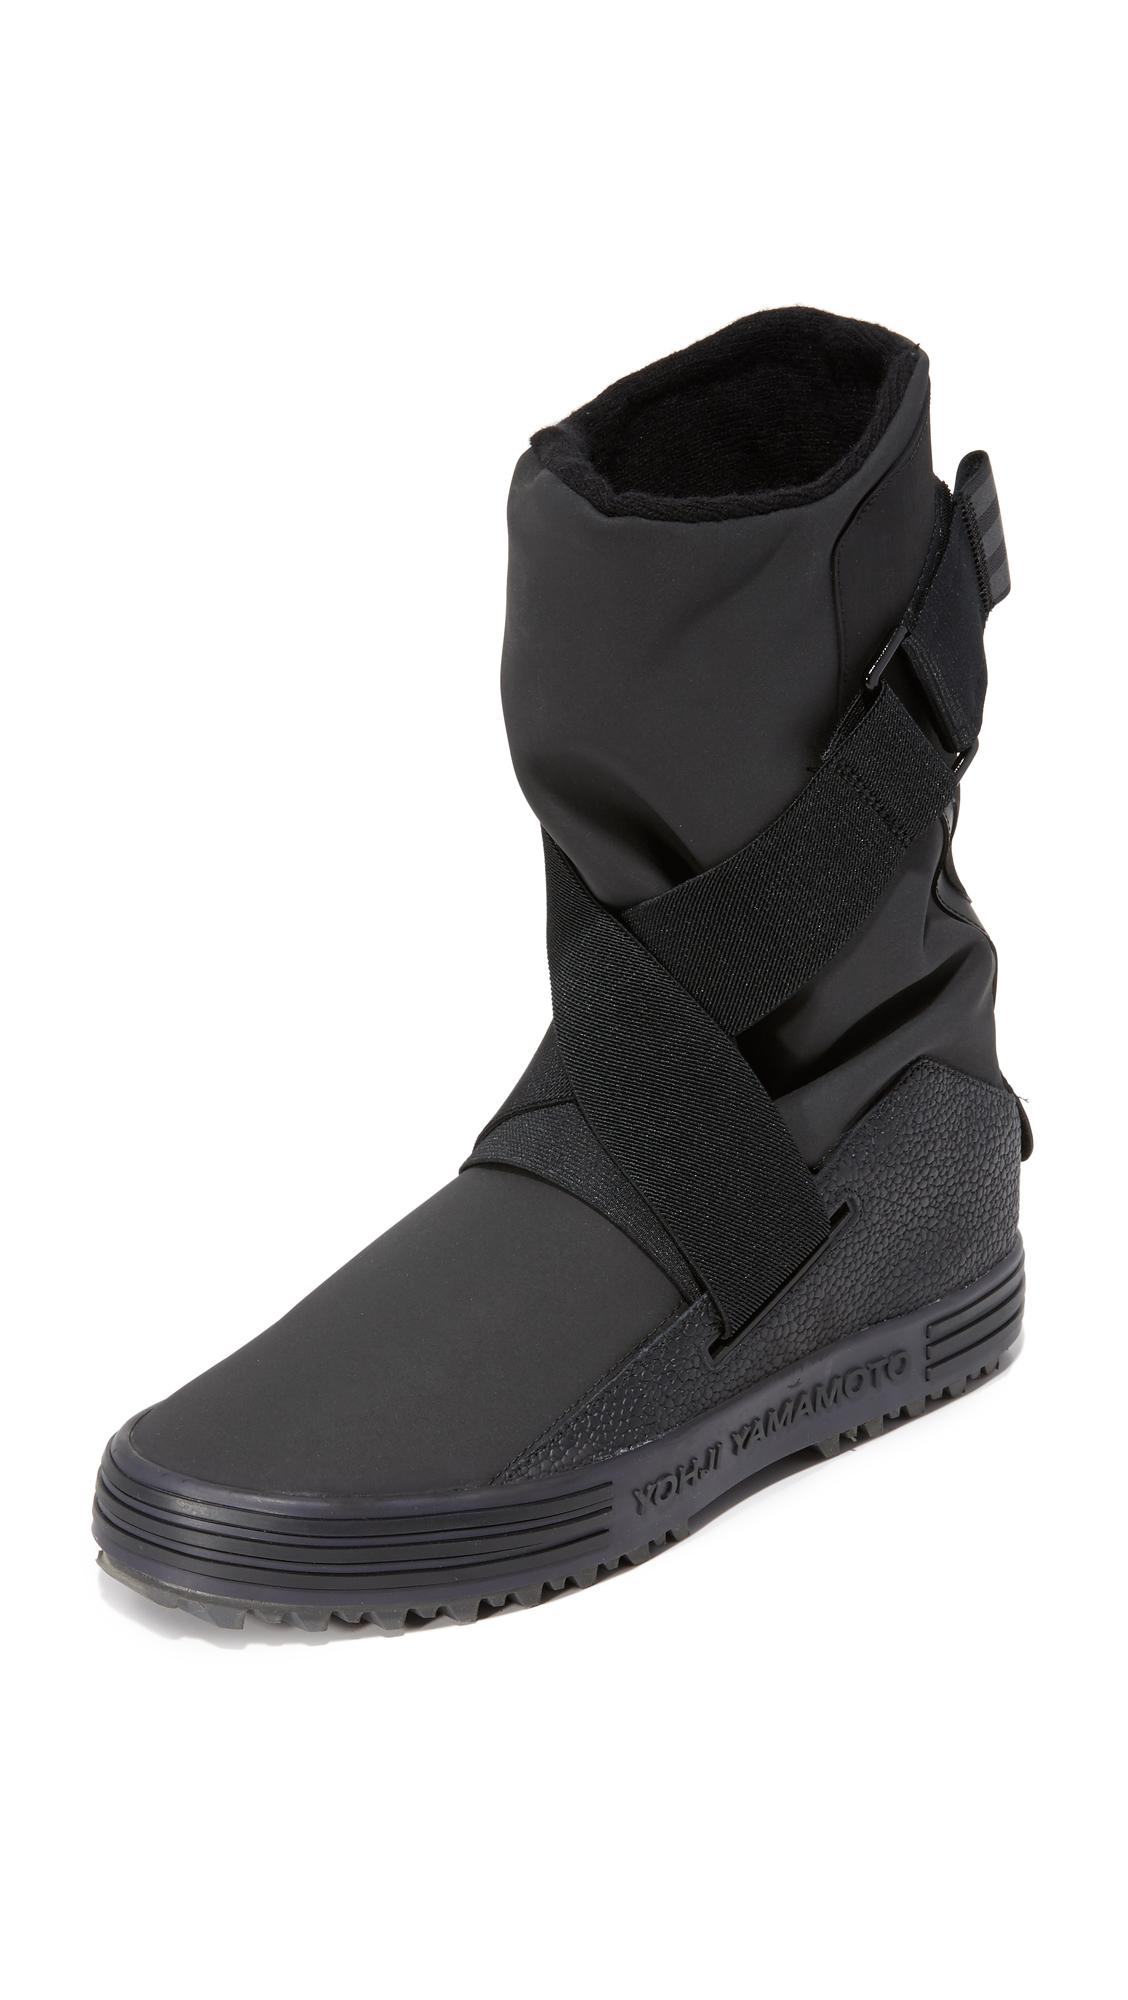 Y-3 Y-3 Sno Foxing Strap Boots - Core Black/Core Black/Carbone